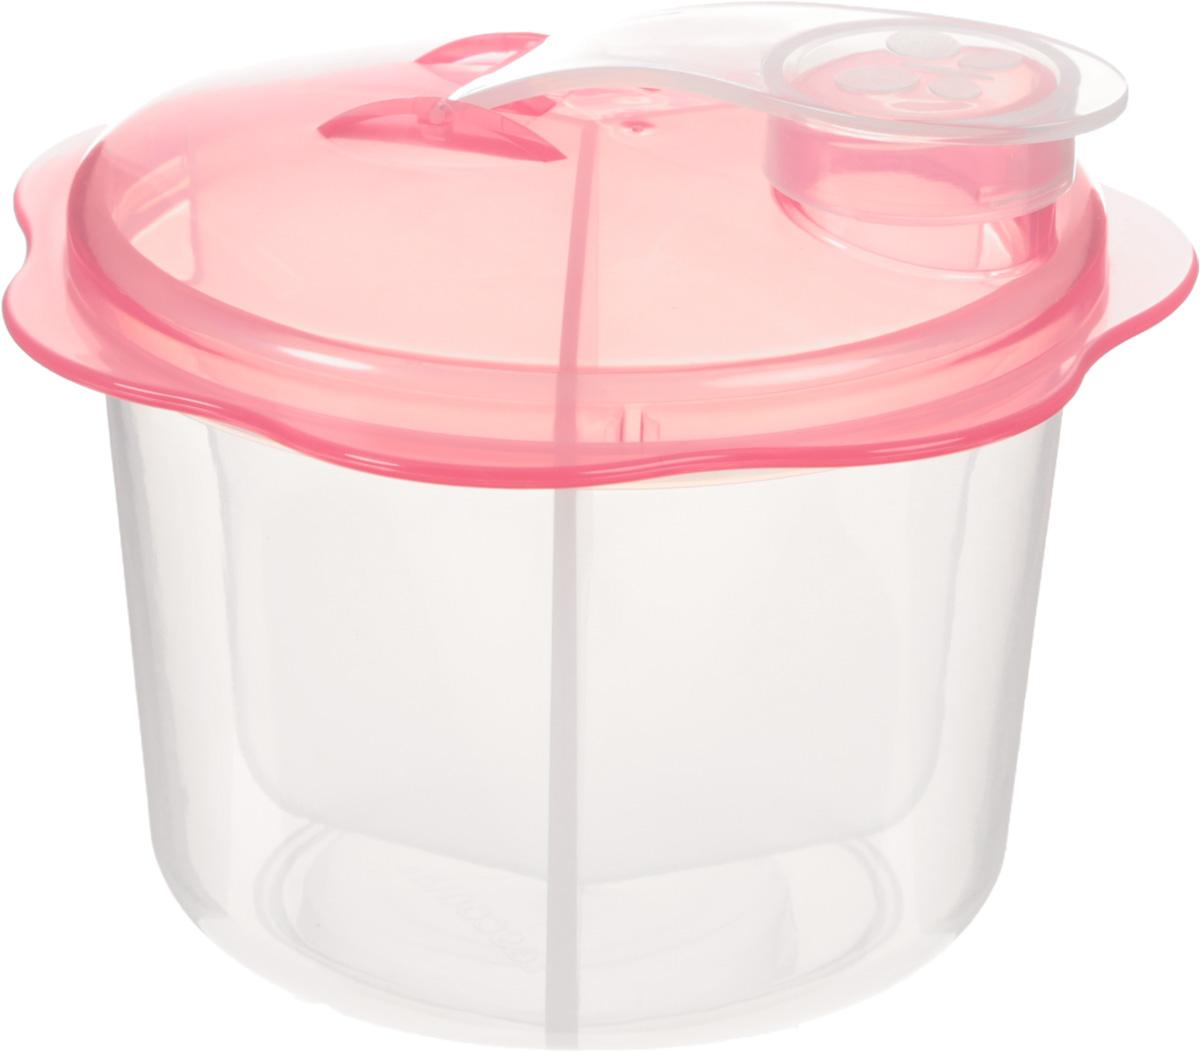 Контейнер для сухого молока Tescoma Bambini, диаметр 9 смVT-1520(SR)Контейнер Tescoma Bambini, выполненный из нетоксичного пластика, оснащен крышкой. Изделие отлично подходит для хранения и приготовления молока. Незаменим при поездках. Подходит для использования в холодильнике. Можно мыть в посудомоечной машине.Диаметр контейнера (по верхнему краю): 9 см.Высота контейнера (с учетом крышки): 9 см.